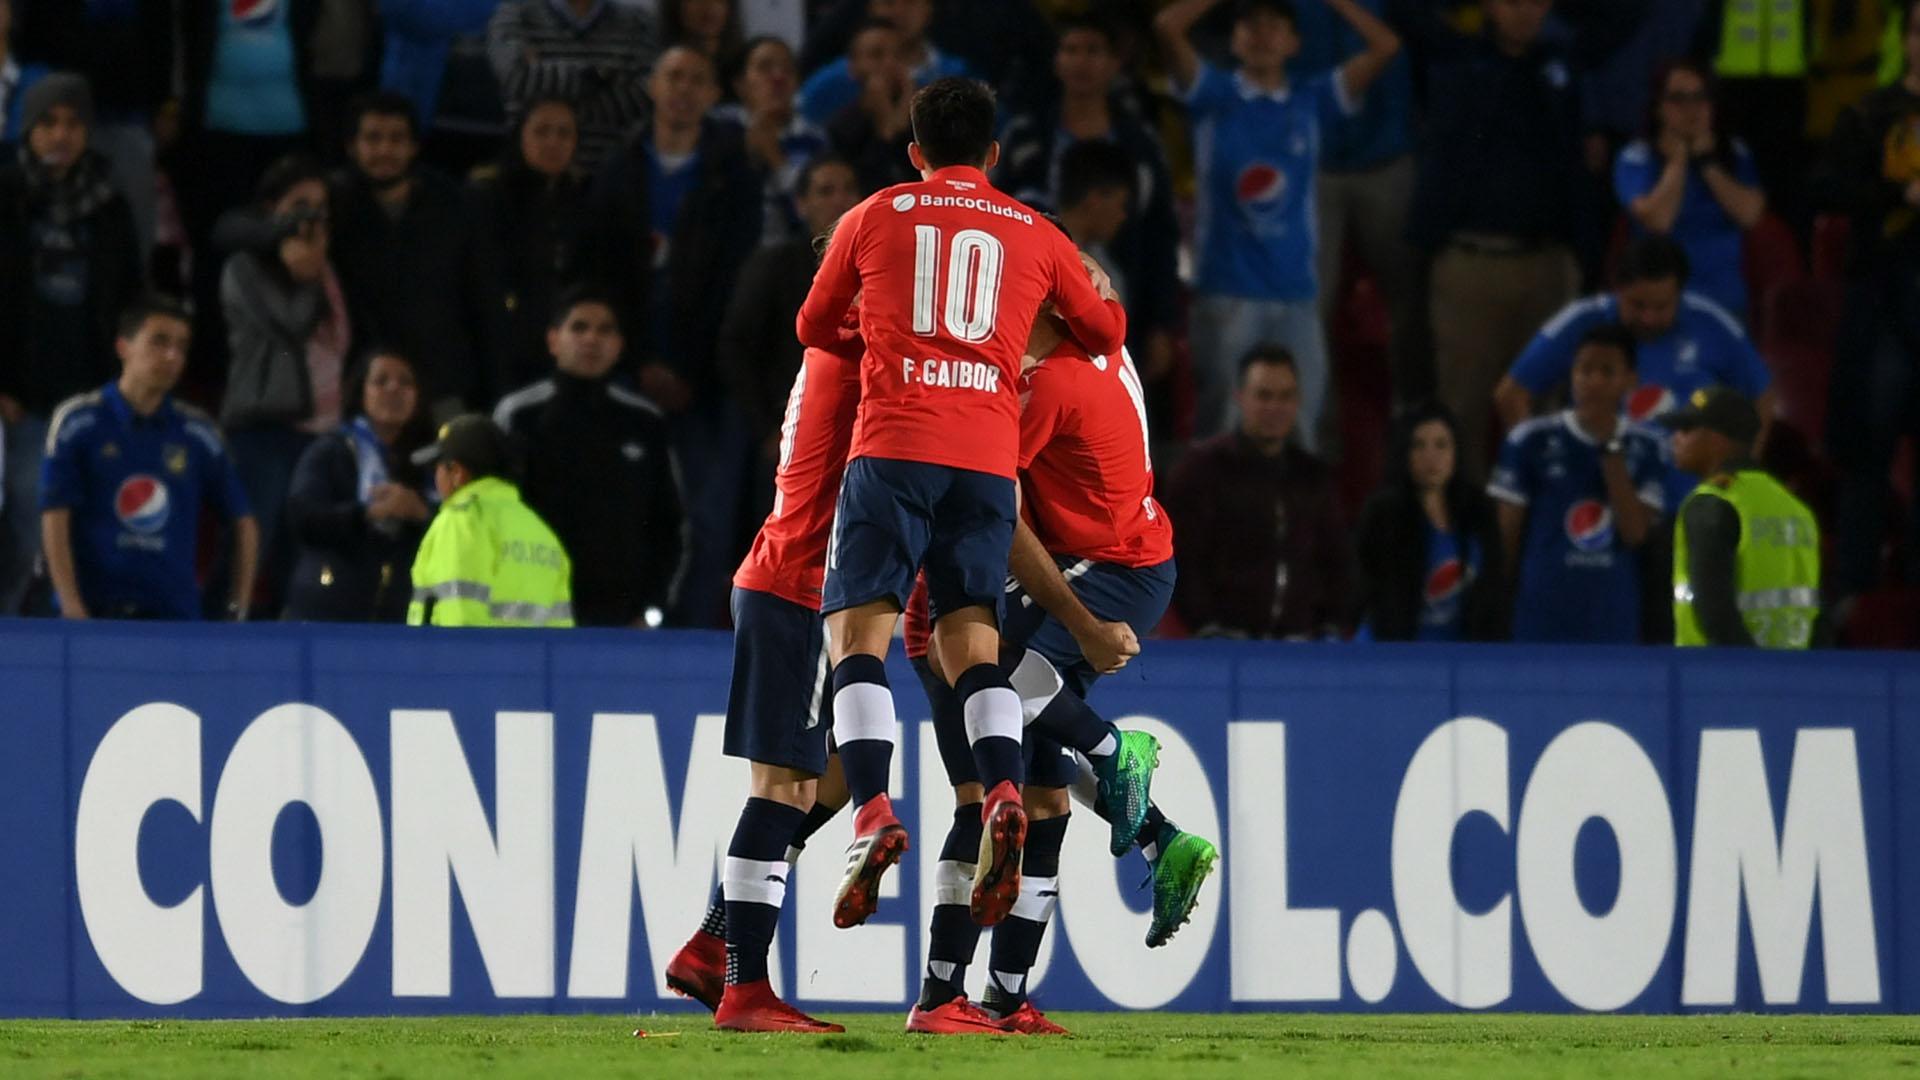 Independiente y su celebración en la cancha: los hinchas sufrieron afuera(AFP)